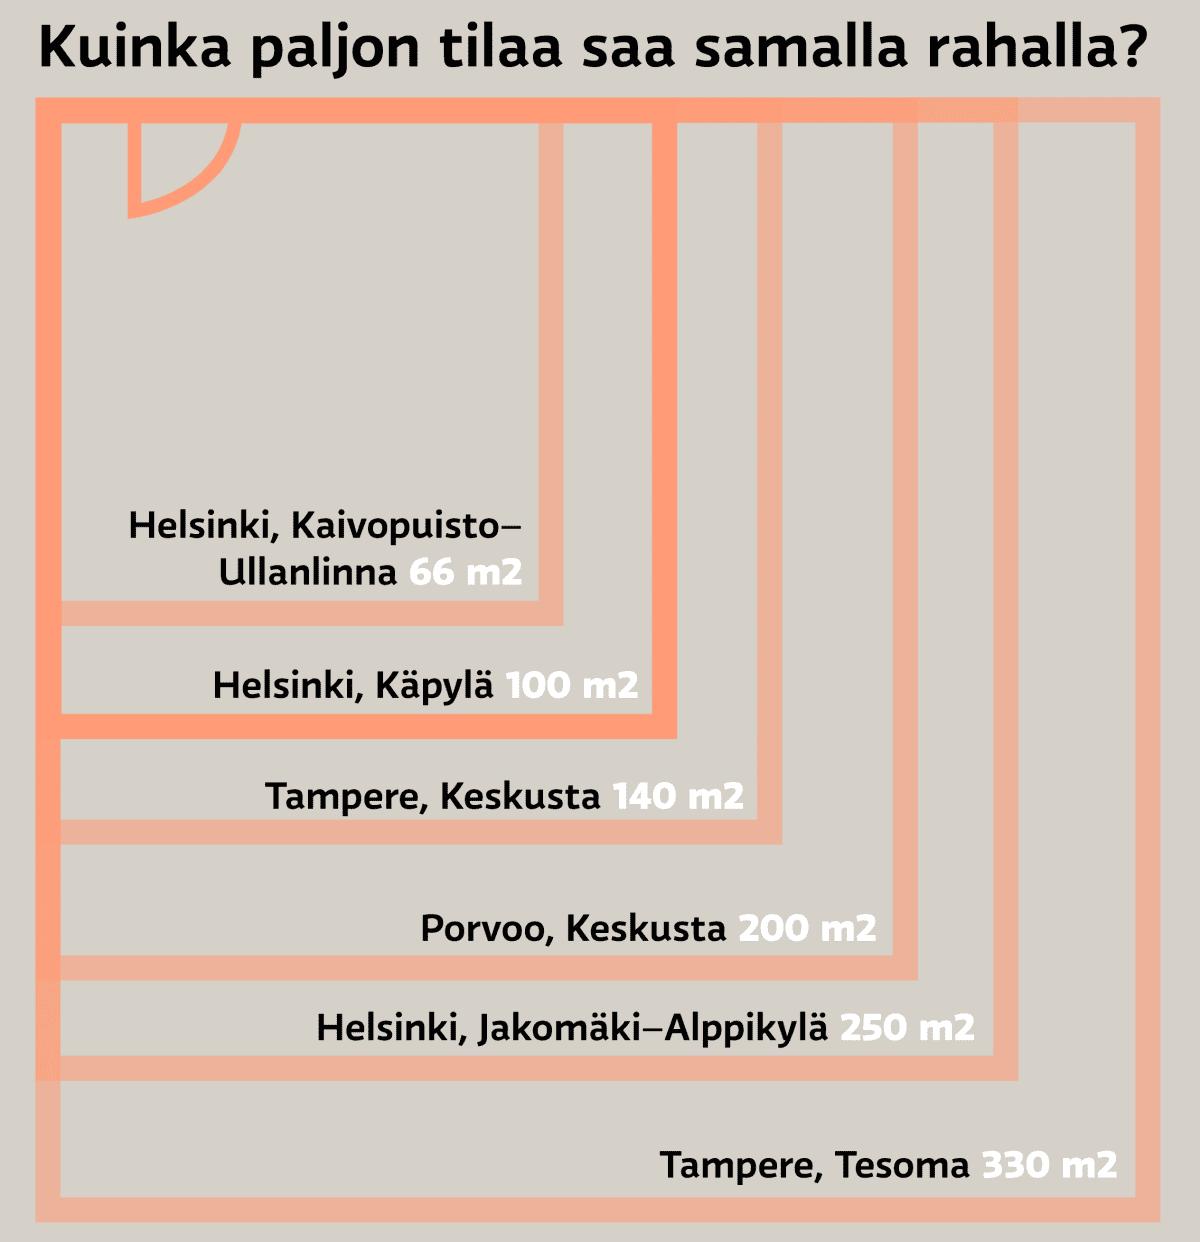 Kuinka paljon tilaa saa samalla rahalla? Helsinki Kaivopuisto–Ullanlinna 66m2, Helsinki Käpylä 100m2, Tampere Keskusta 140m2, Porvoo Keskusta 200m2, Helsinki Jakomäki–Alppikylä 250m2, Tampere Tesoma 330m2.